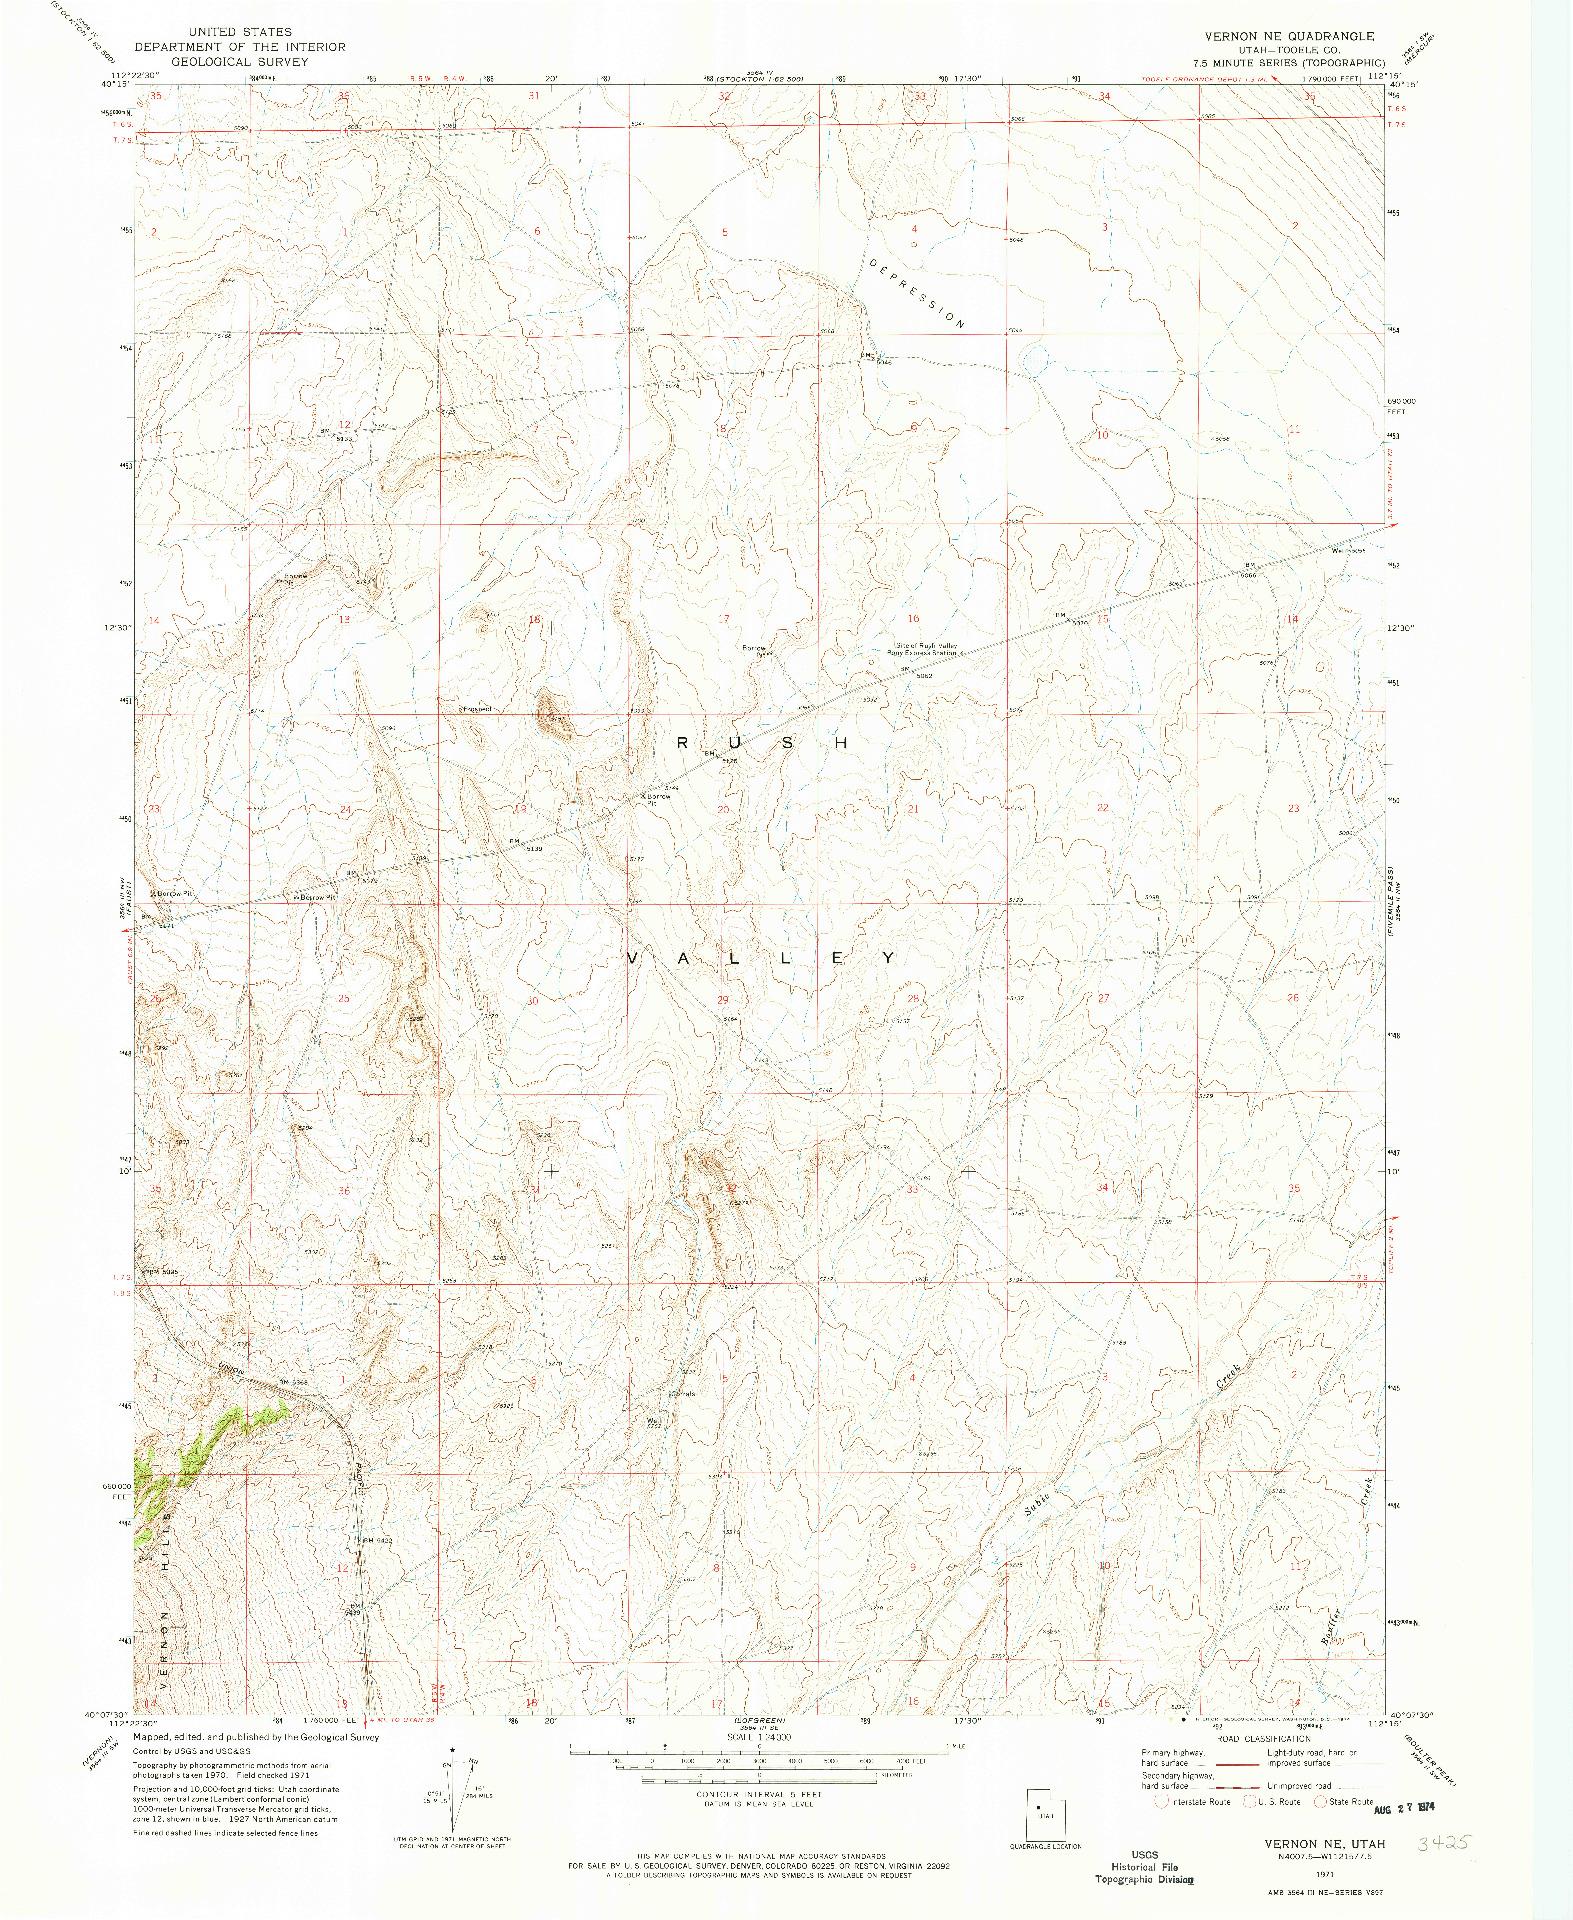 USGS 1:24000-SCALE QUADRANGLE FOR VERNON NE, UT 1971